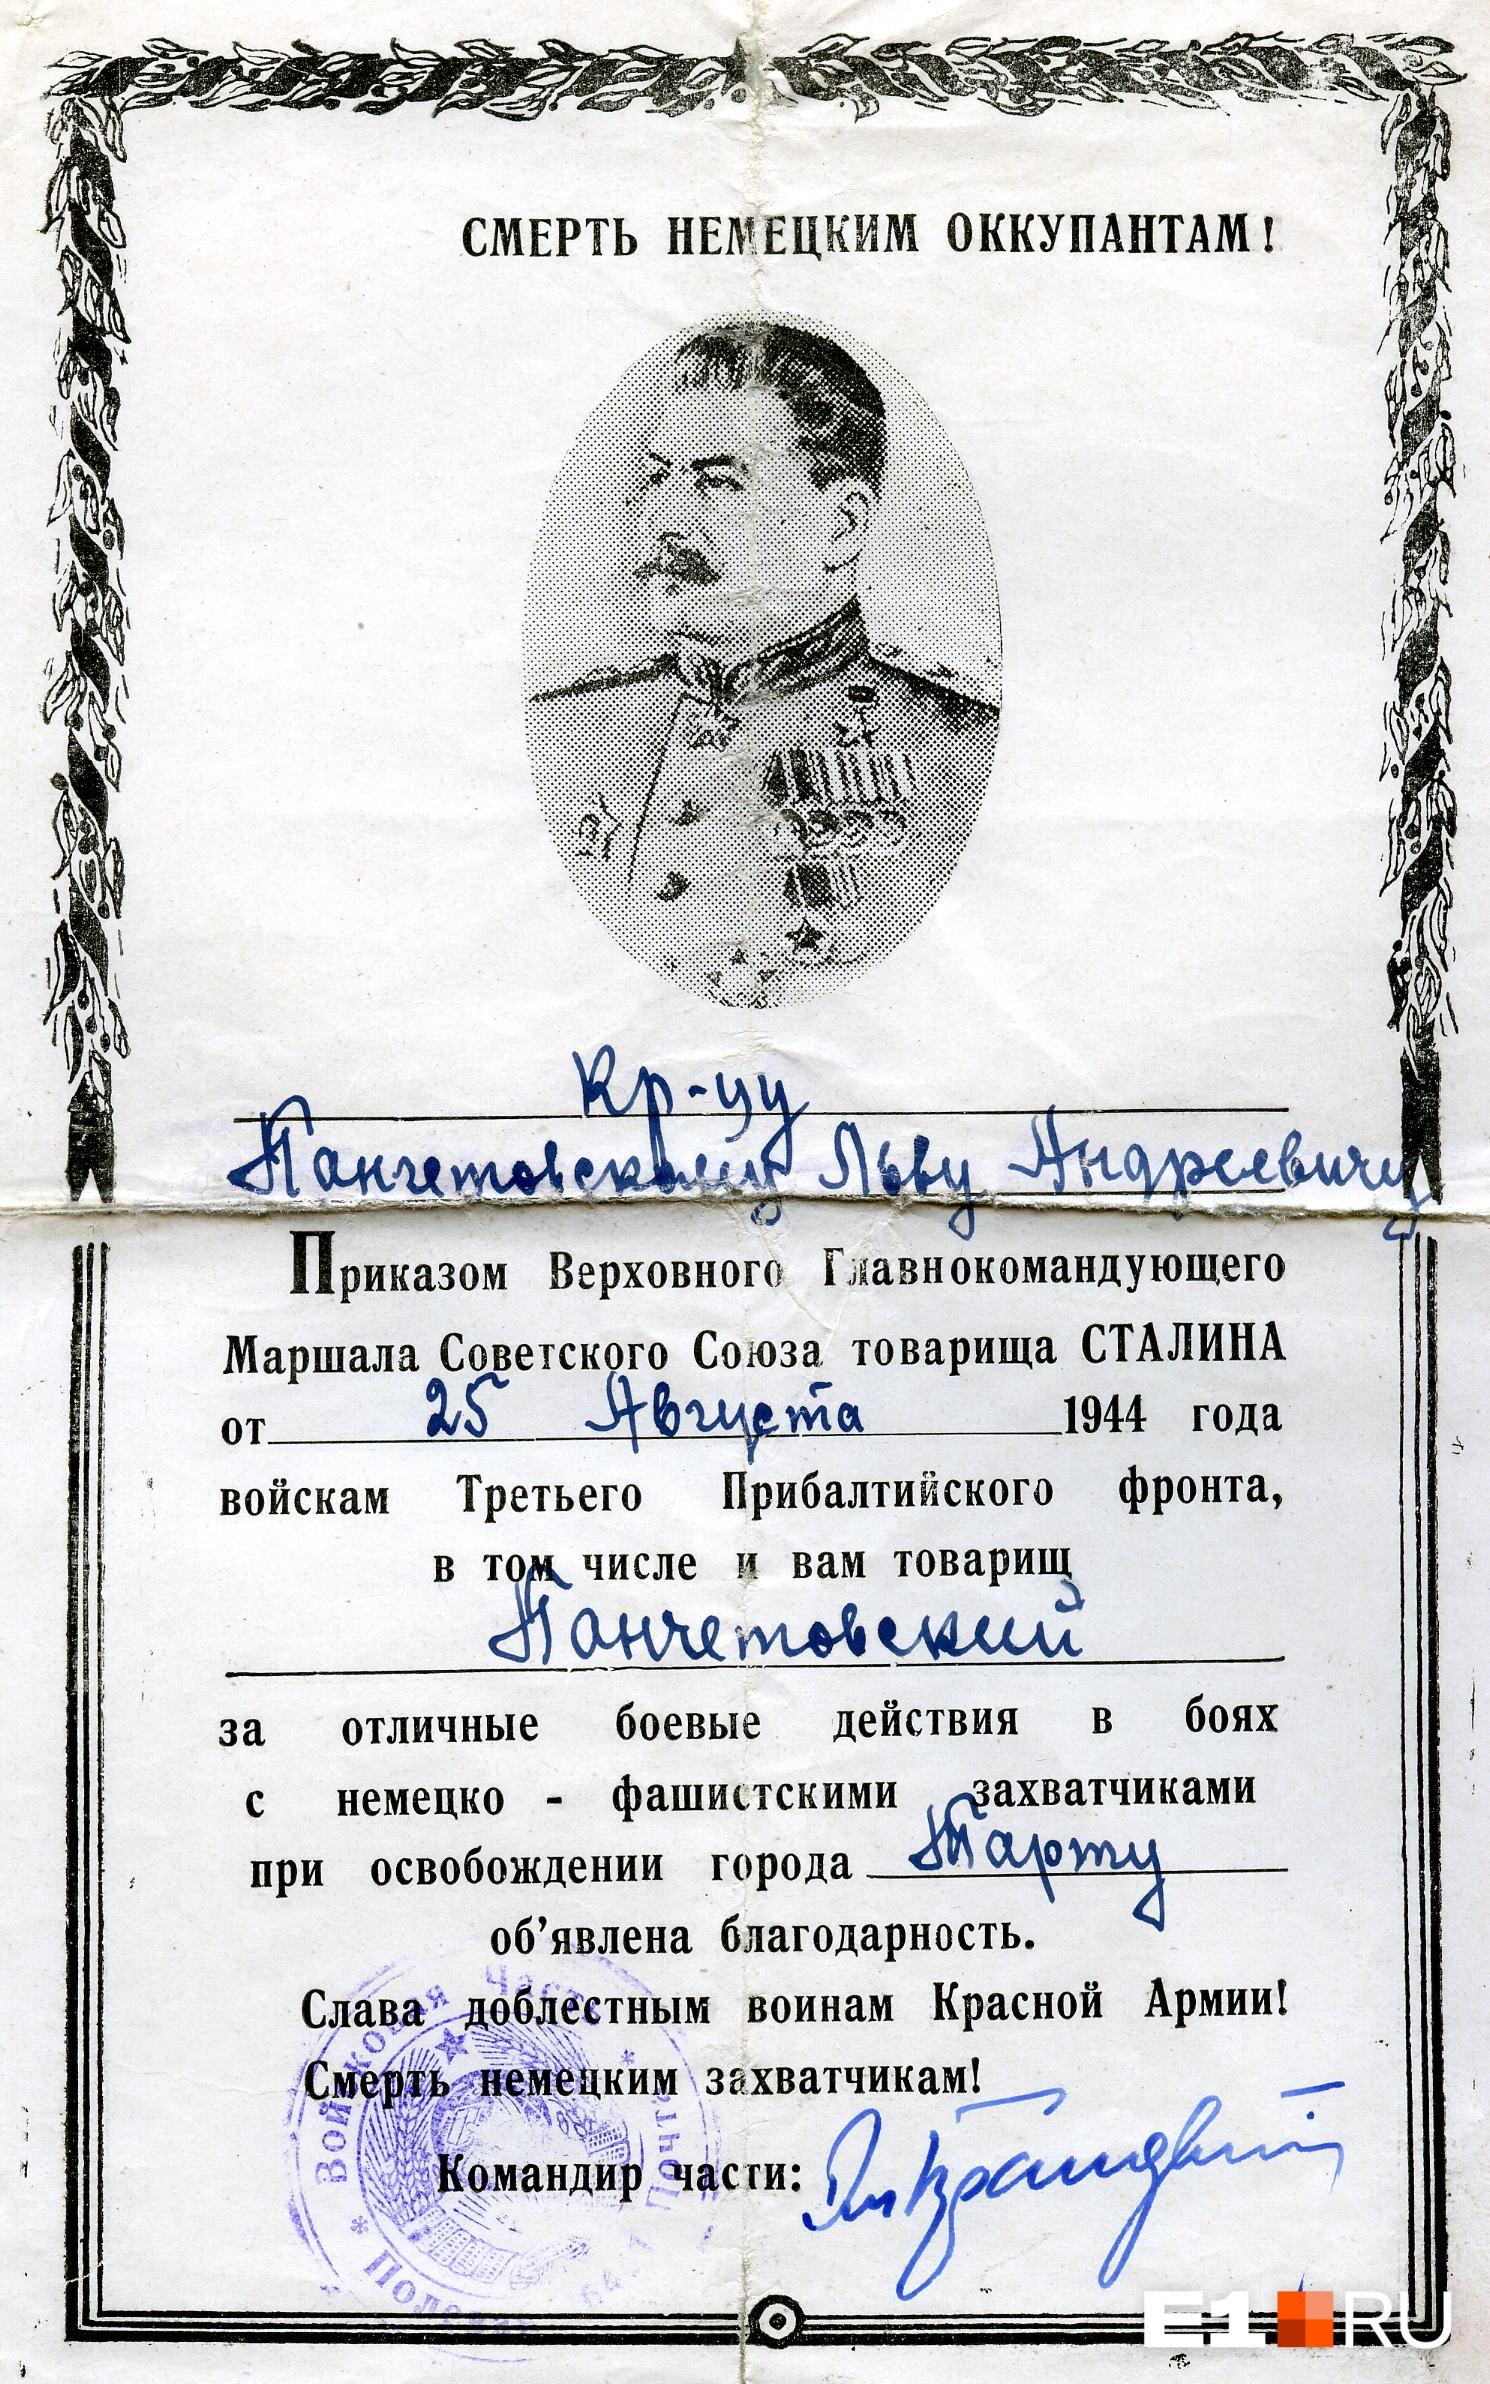 Сталинская грамота за освобождение города Тарту